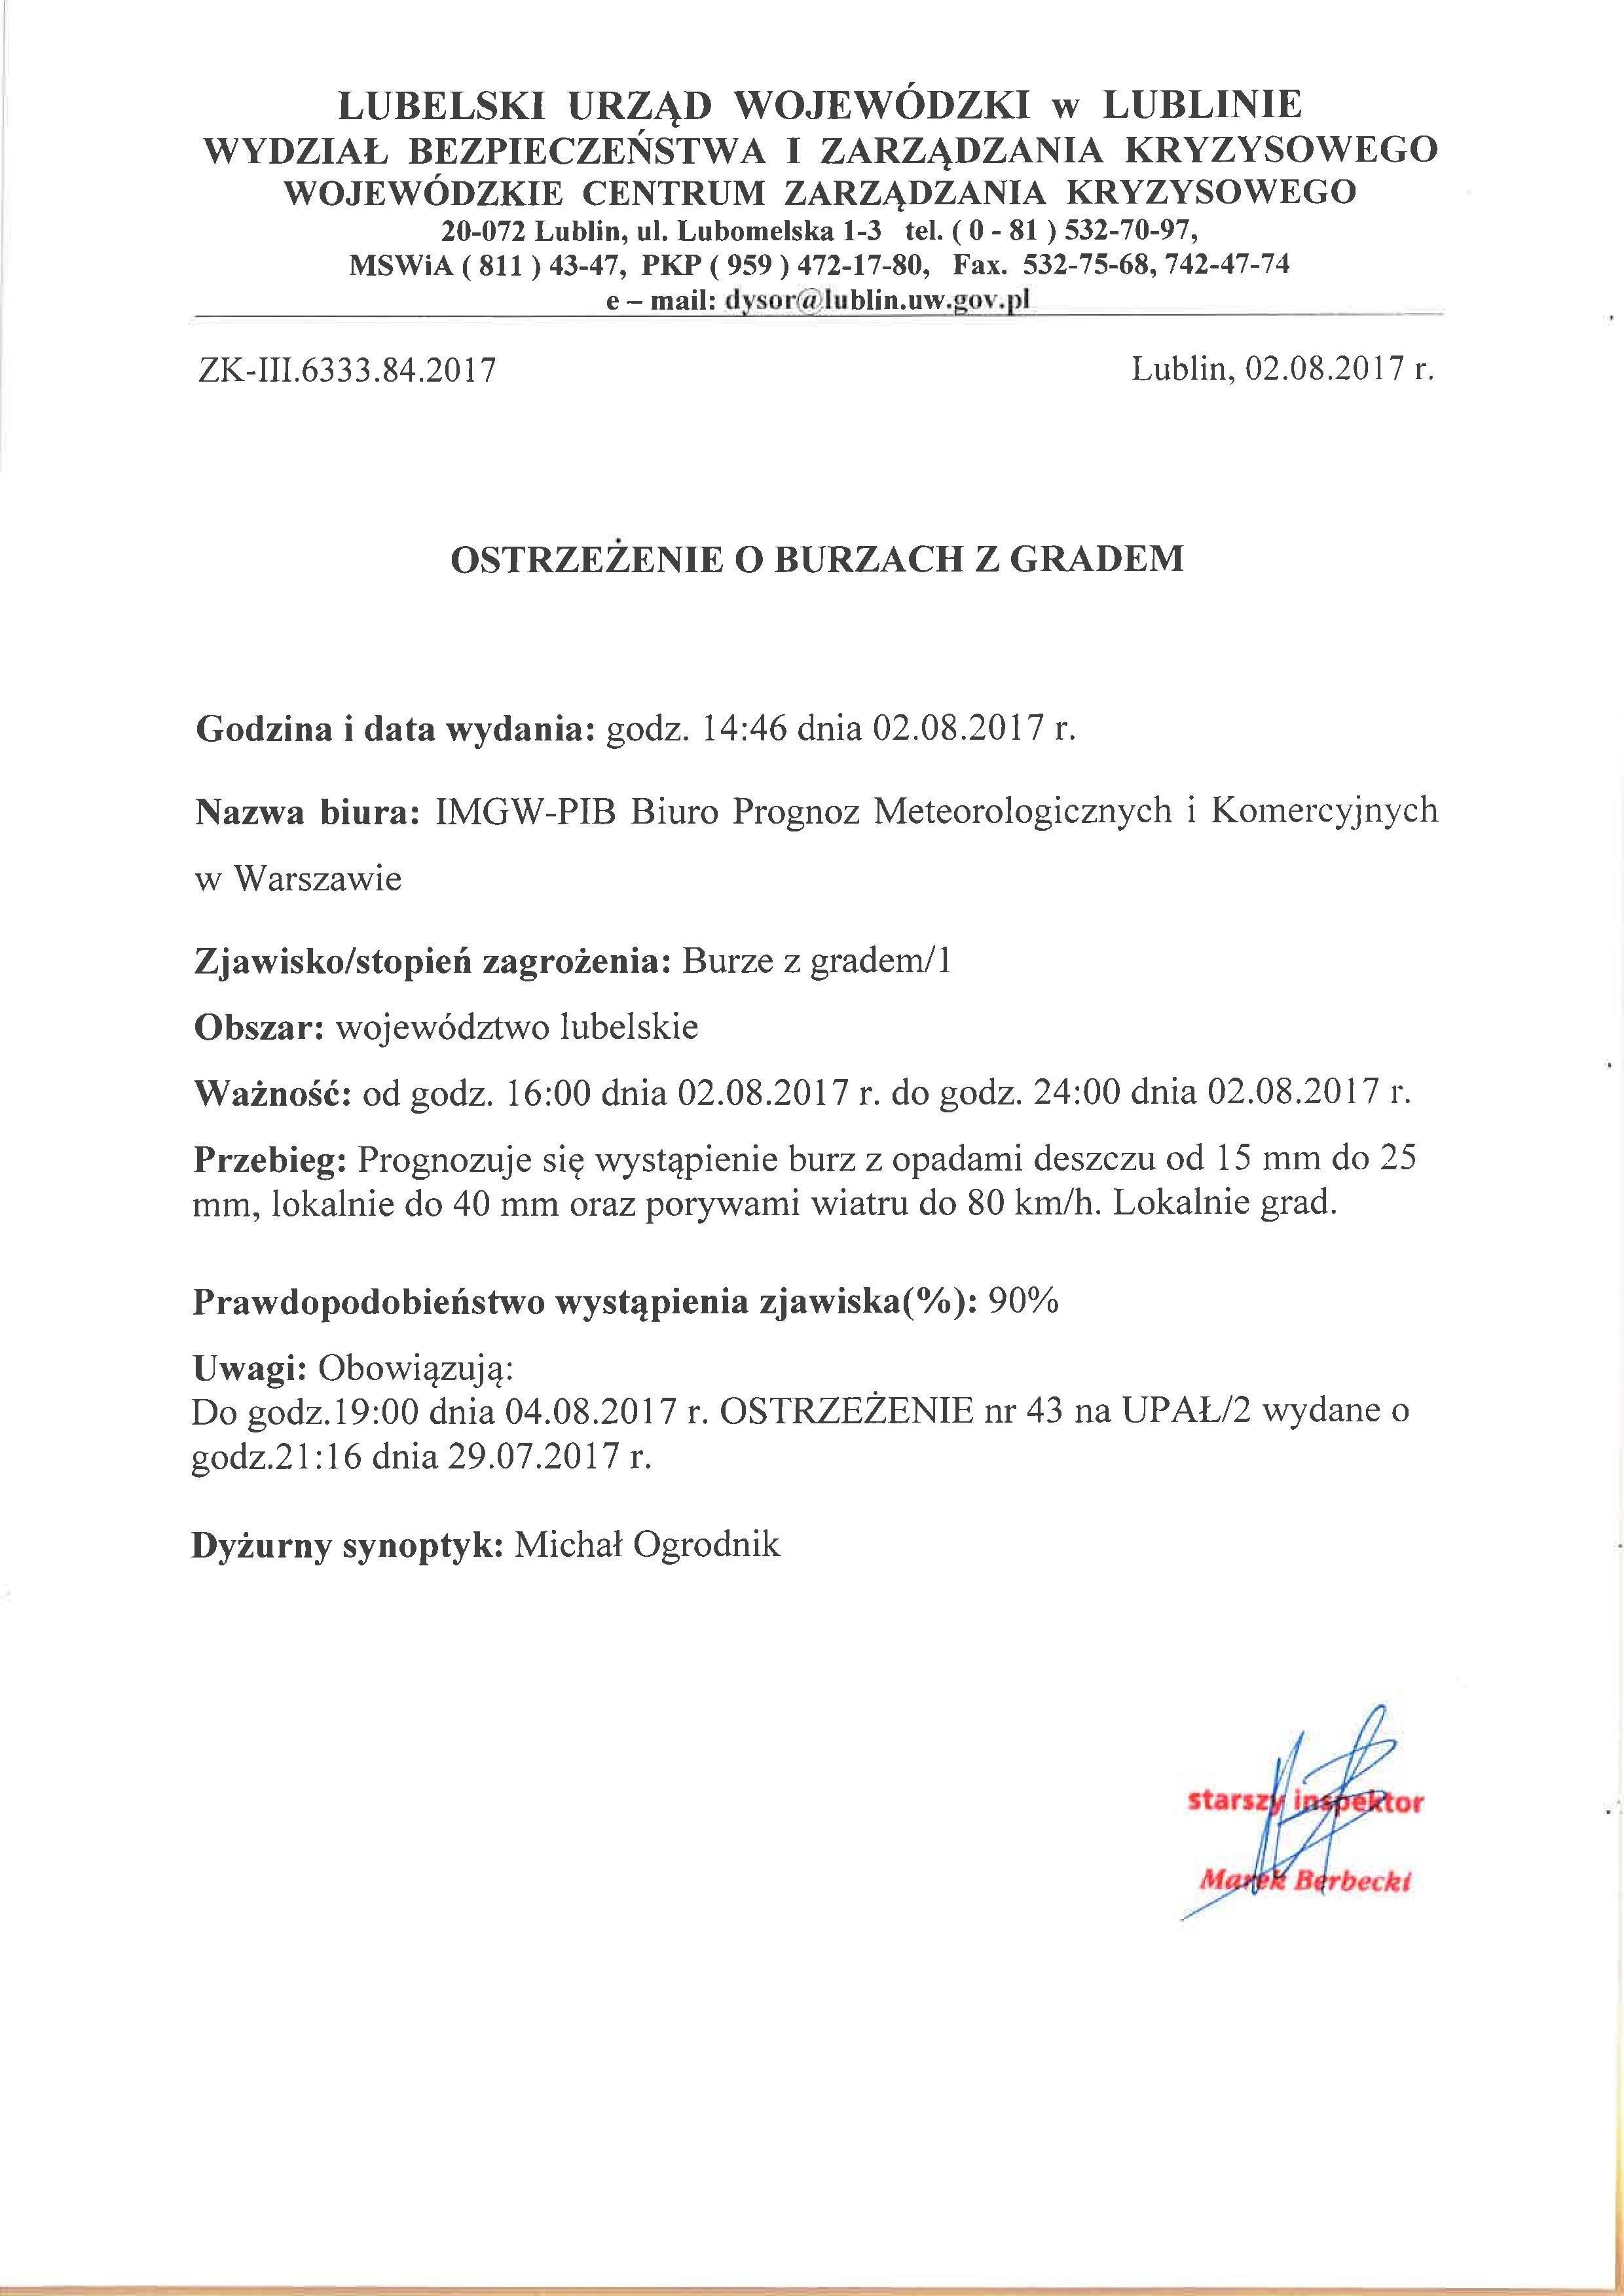 Ostrzeżenie o burzach z gradem z dn. 2.08.2017 r.